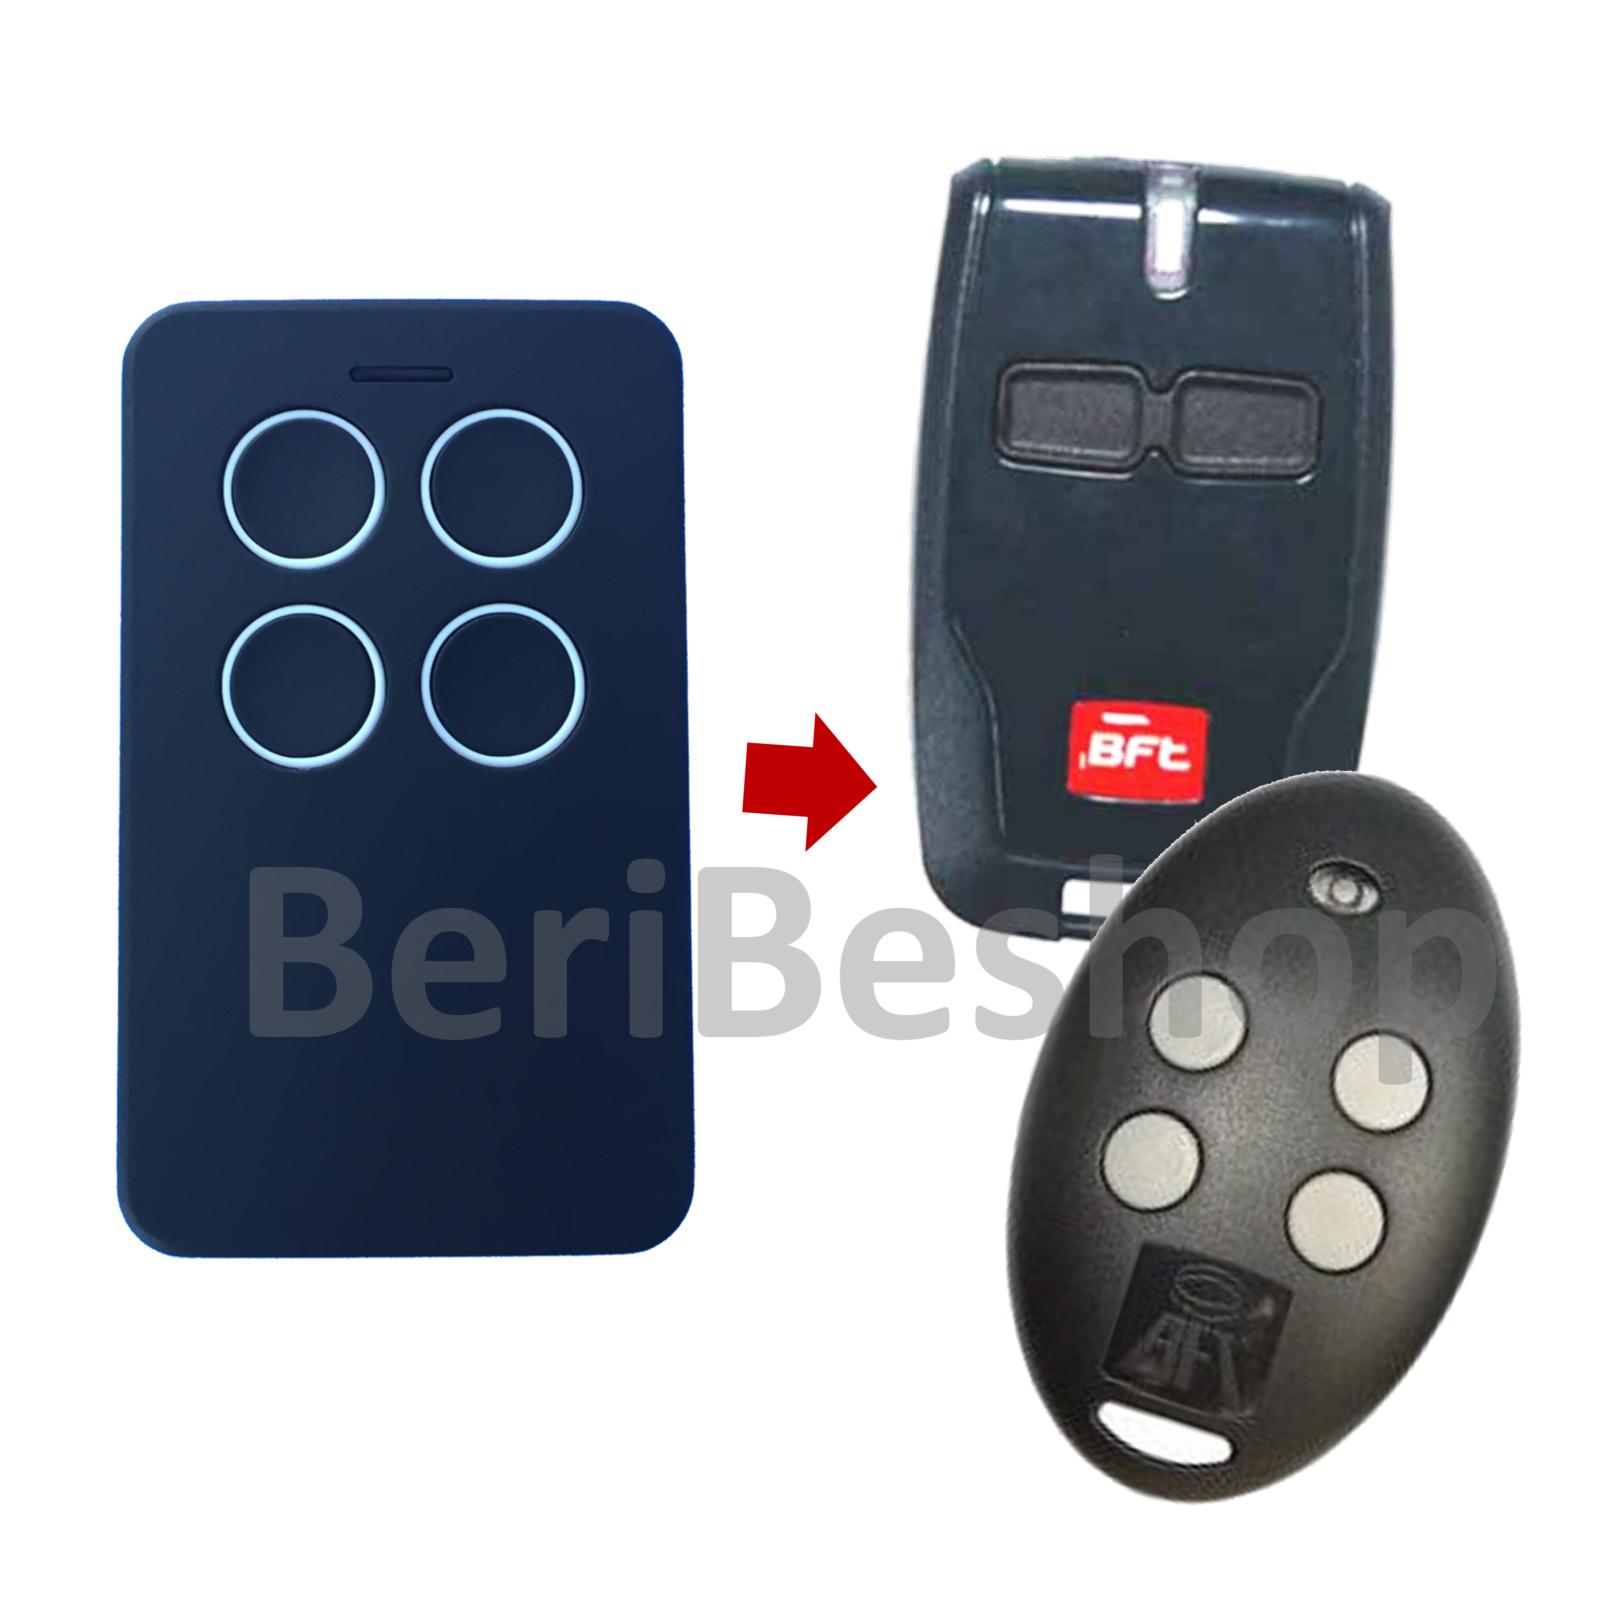 telecomando compatibile con bft mitto e b rcb radiocomando